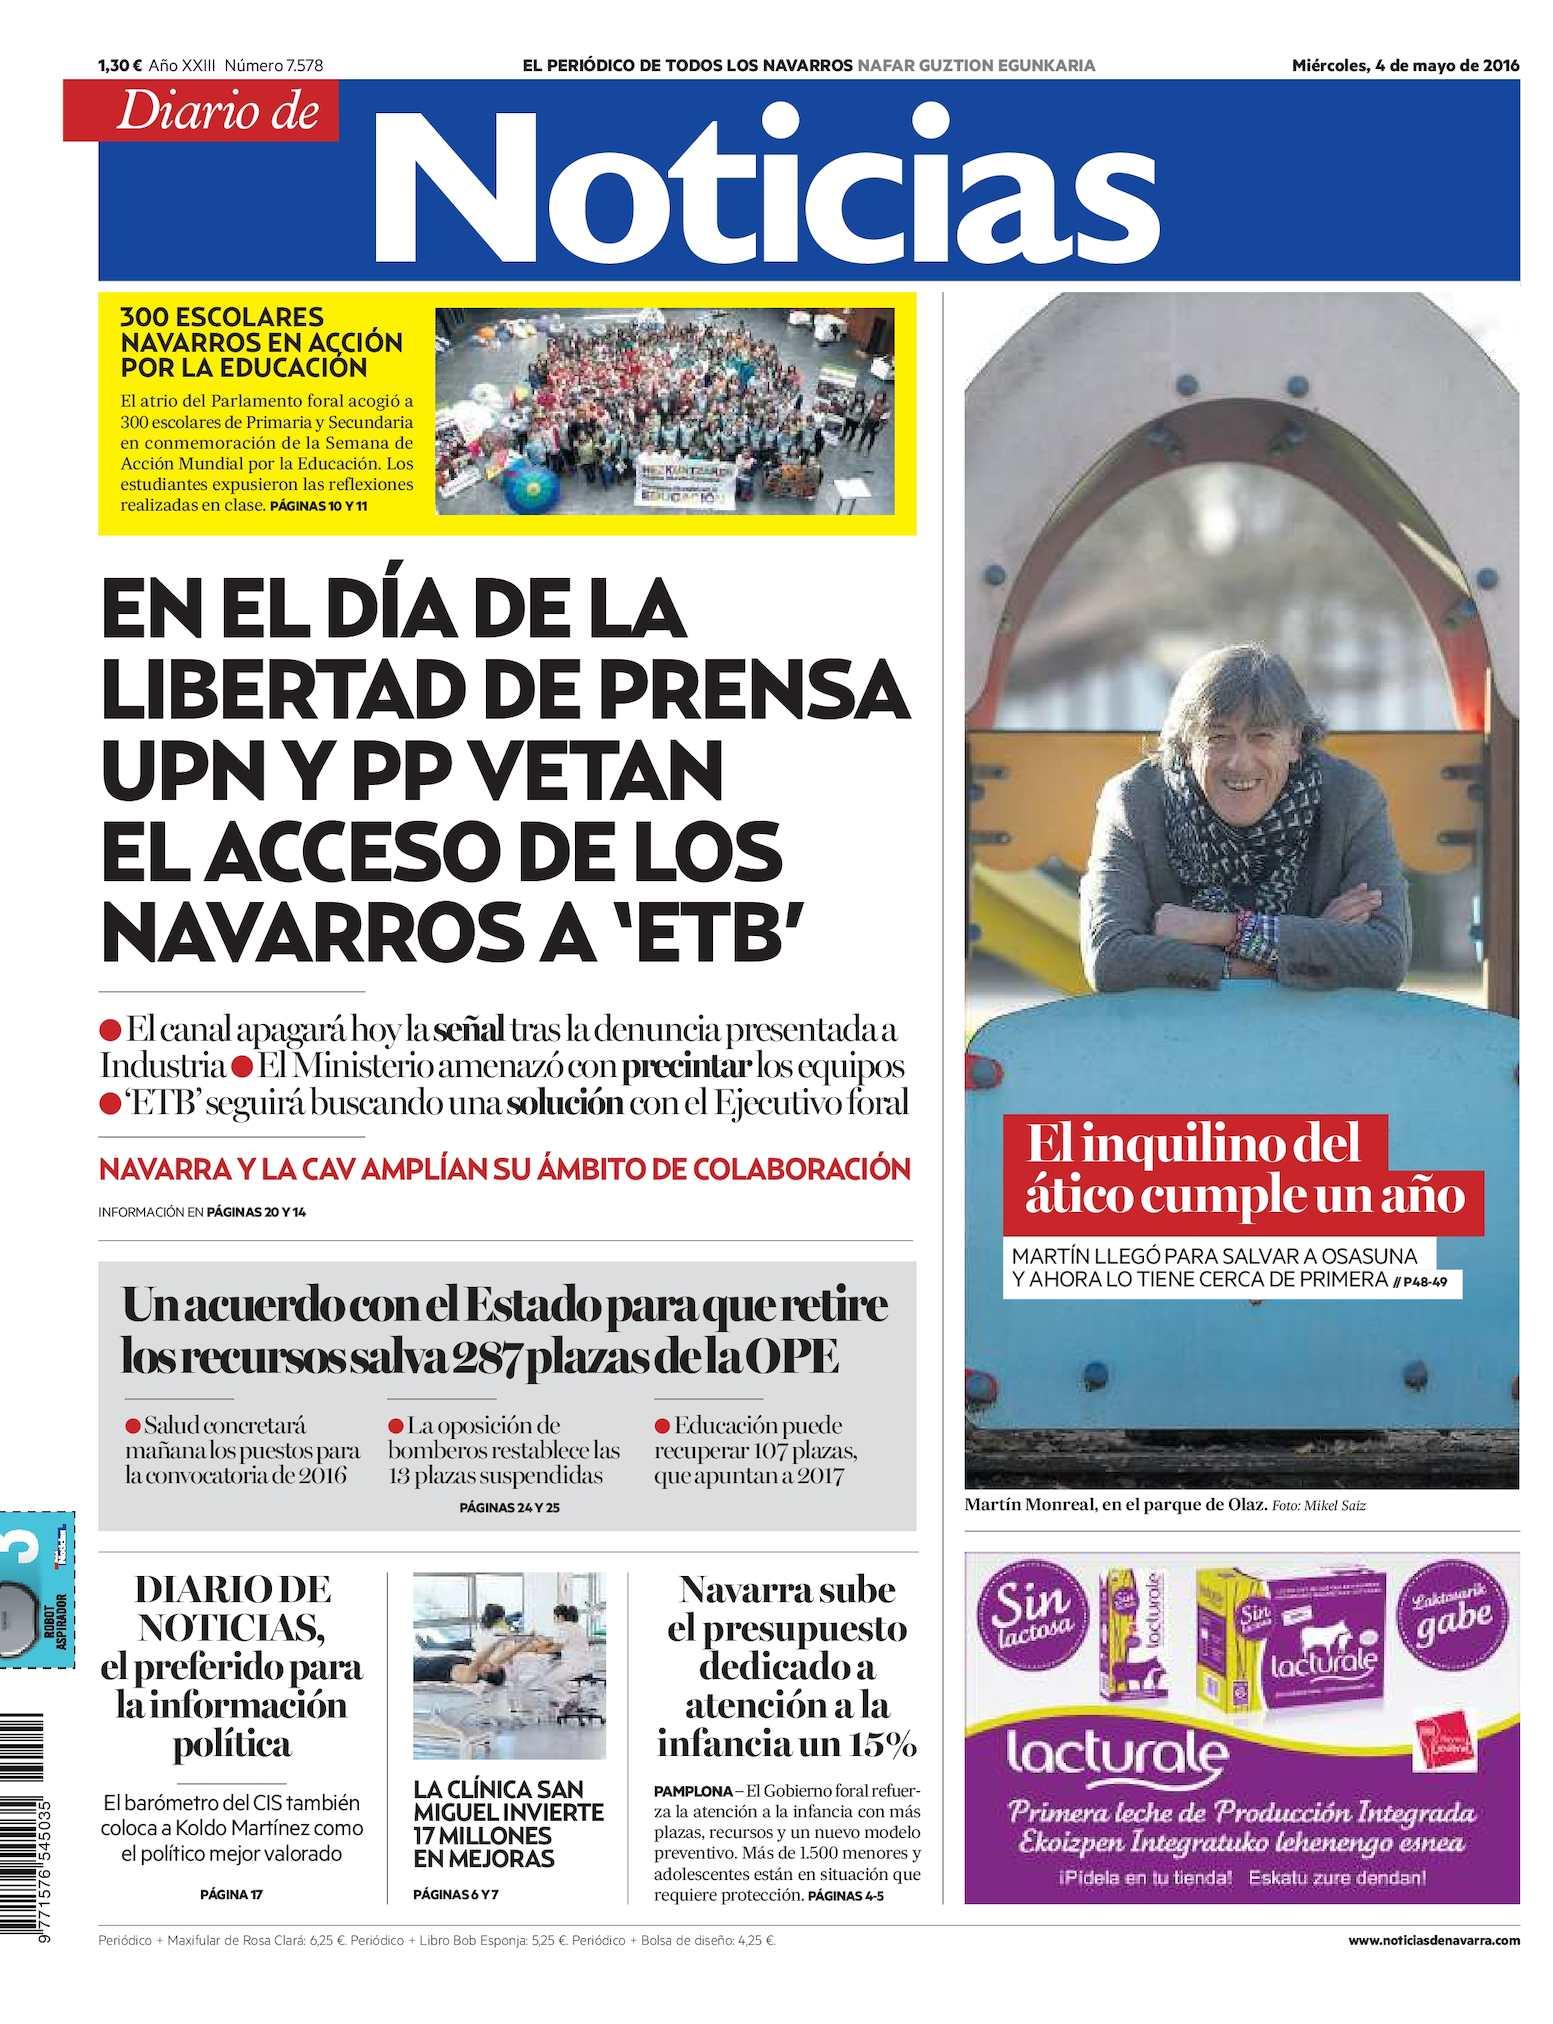 Calaméo - Diario de Noticias 20160504